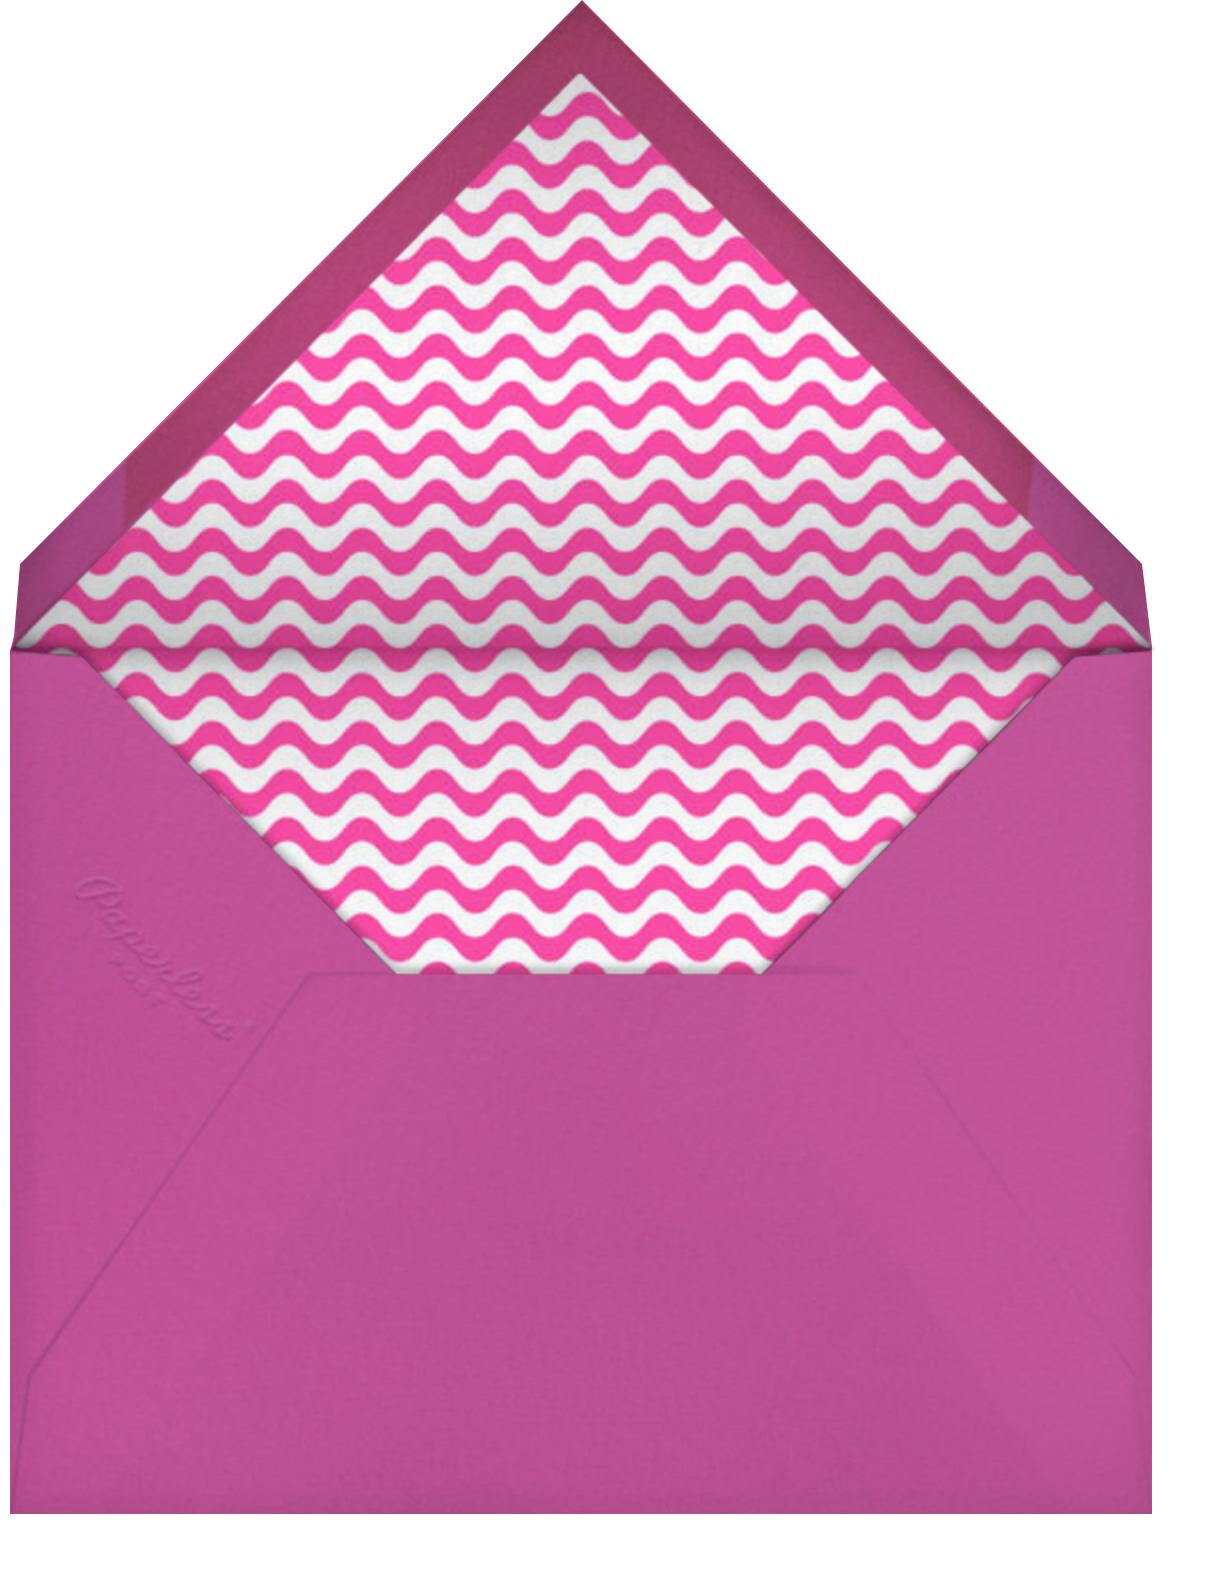 Bottles Up - Hot Pink - Paperless Post - Baby shower - envelope back